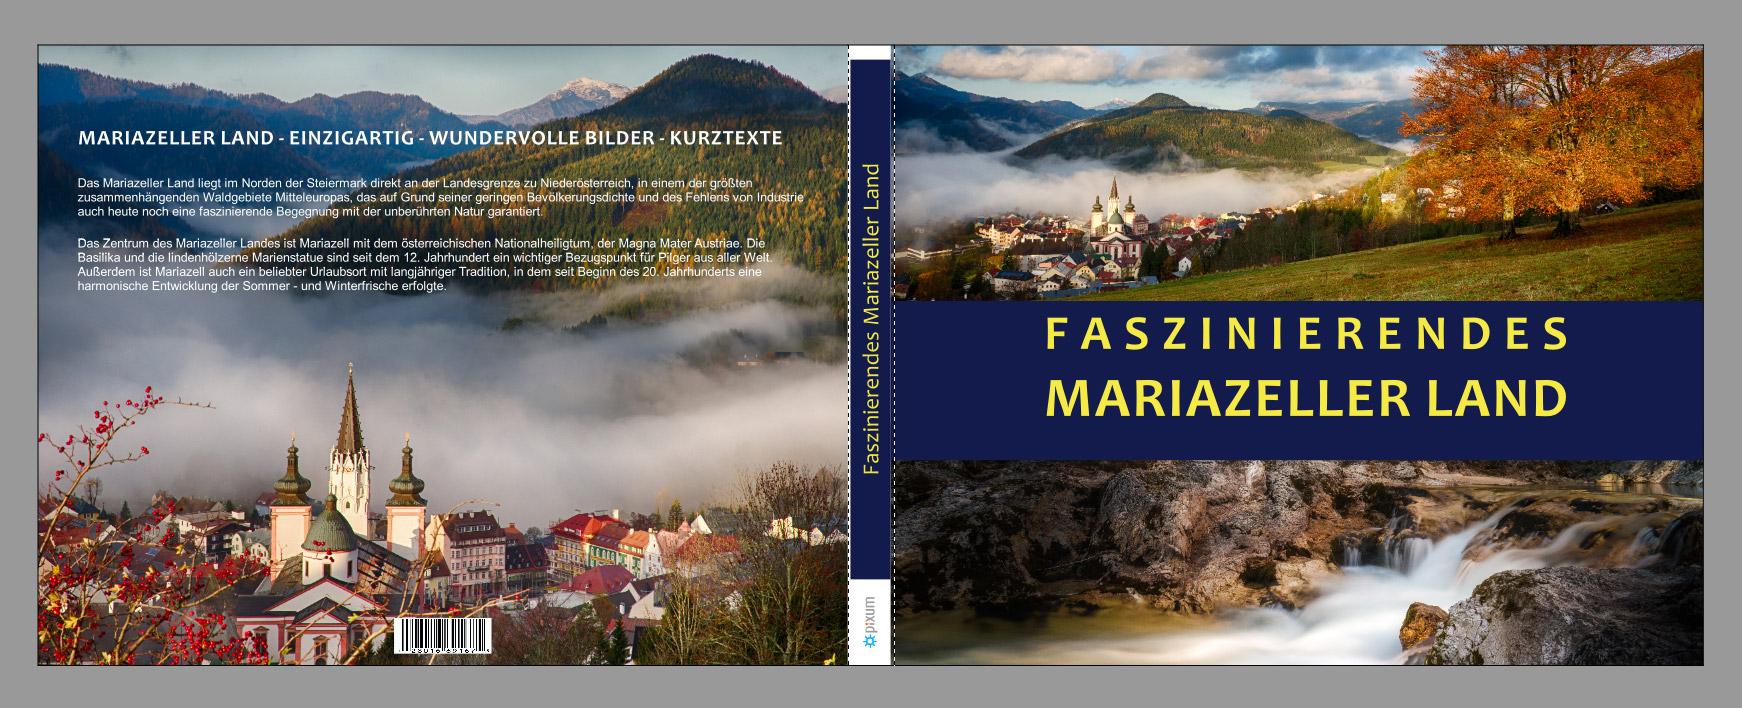 Mariazellerland-Fotobuch-Umschlag